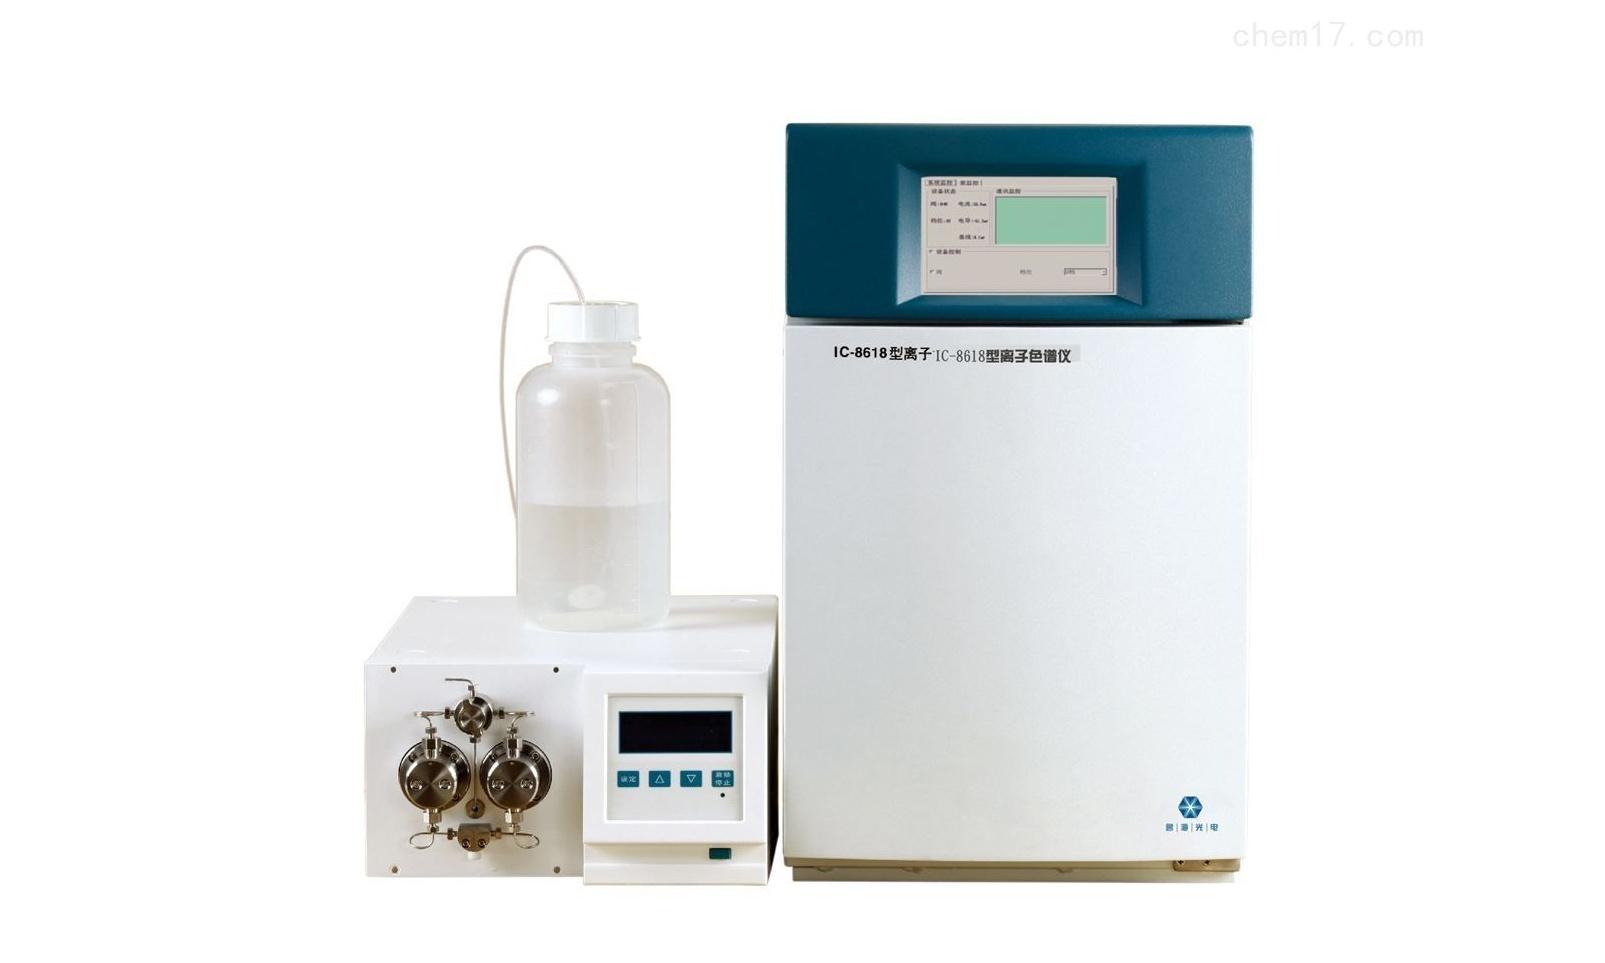 合水县疾病预防控制中心原子荧光仪和离子色谱仪水质检测设备采购公开招标